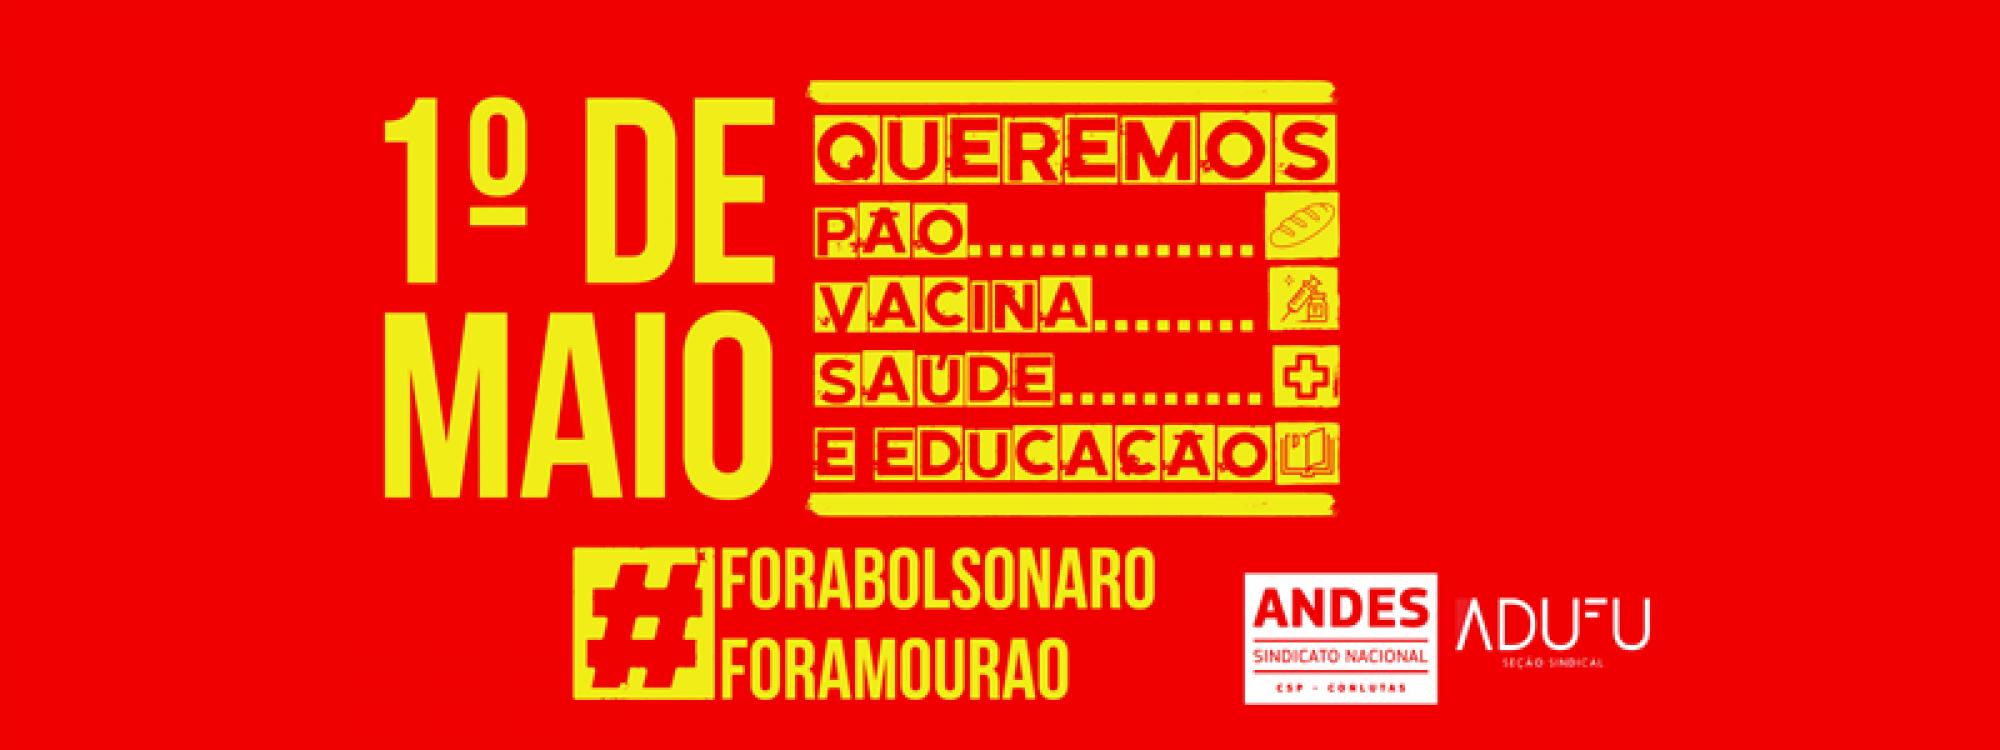 ANDES-SN convoca docentes para ações do primeiro de Maio